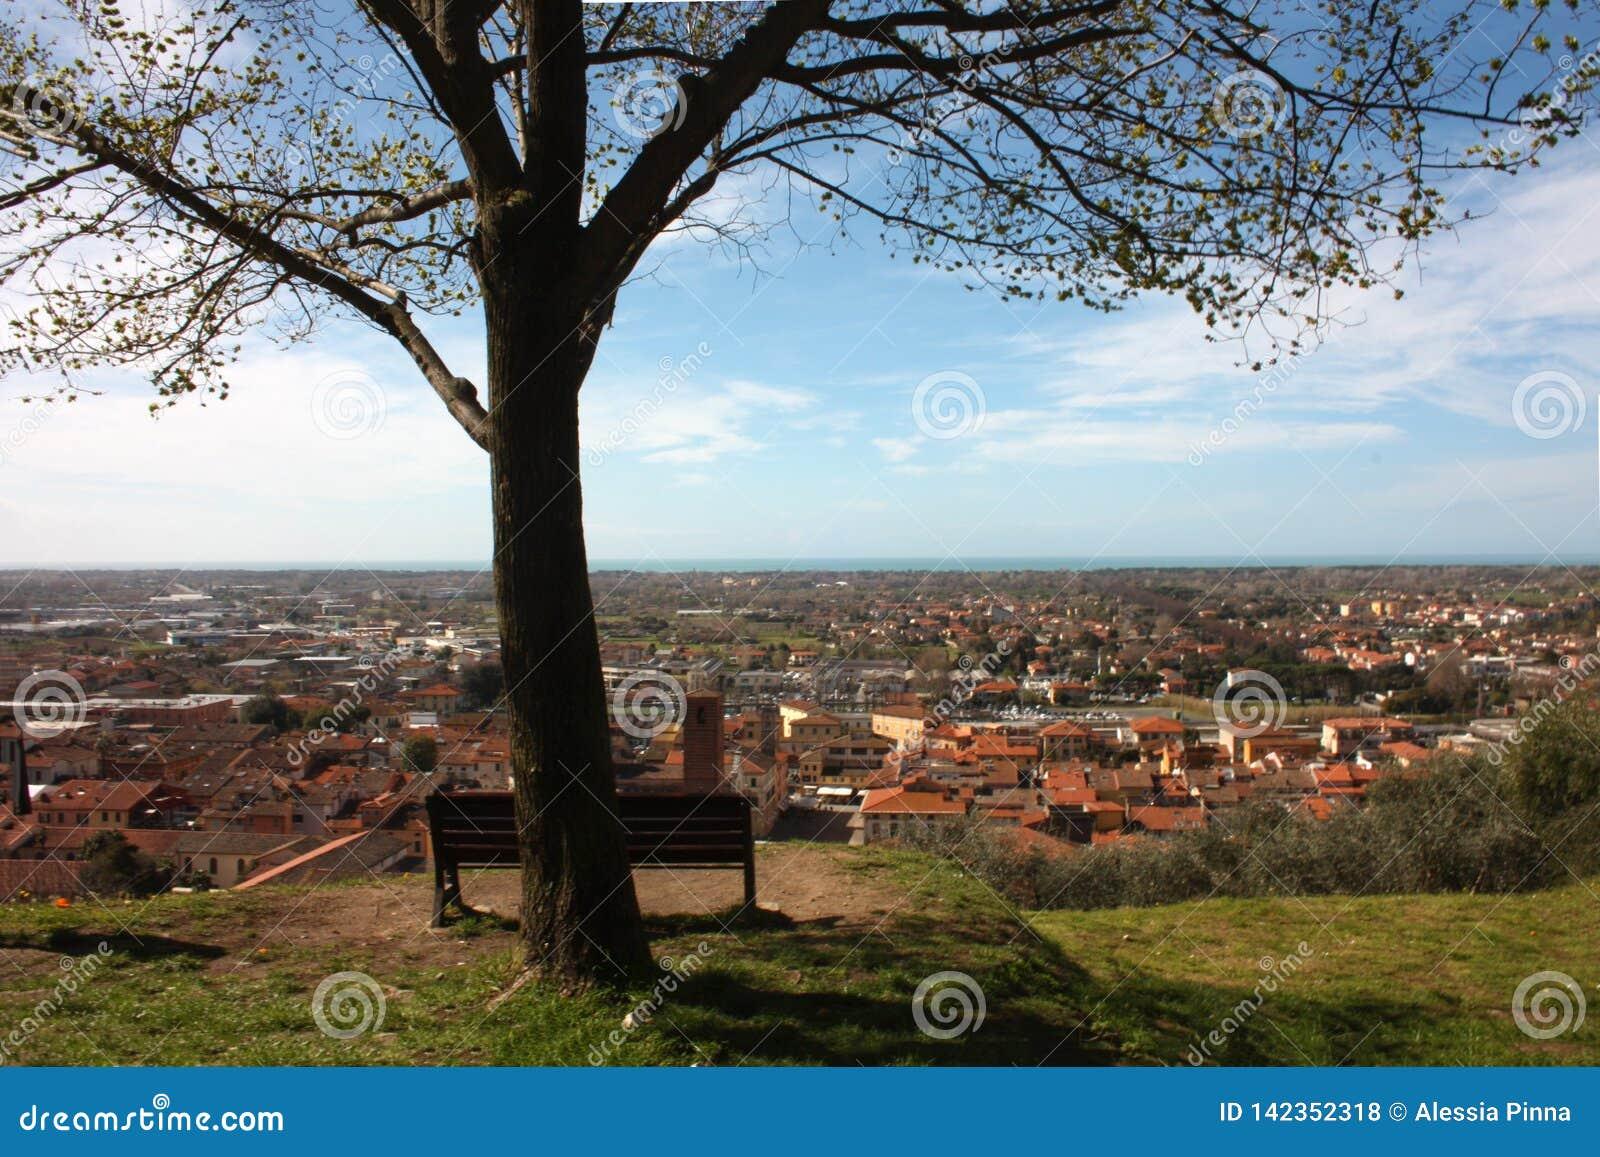 Εναέρια άποψη από έναν λόφο ένα ήρεμο, πράσινο, ήρεμο και ειρηνικό δημόσιο πάρκο ένας απόμερος πάγκος, ένα δέντρο και μια άποψη τ